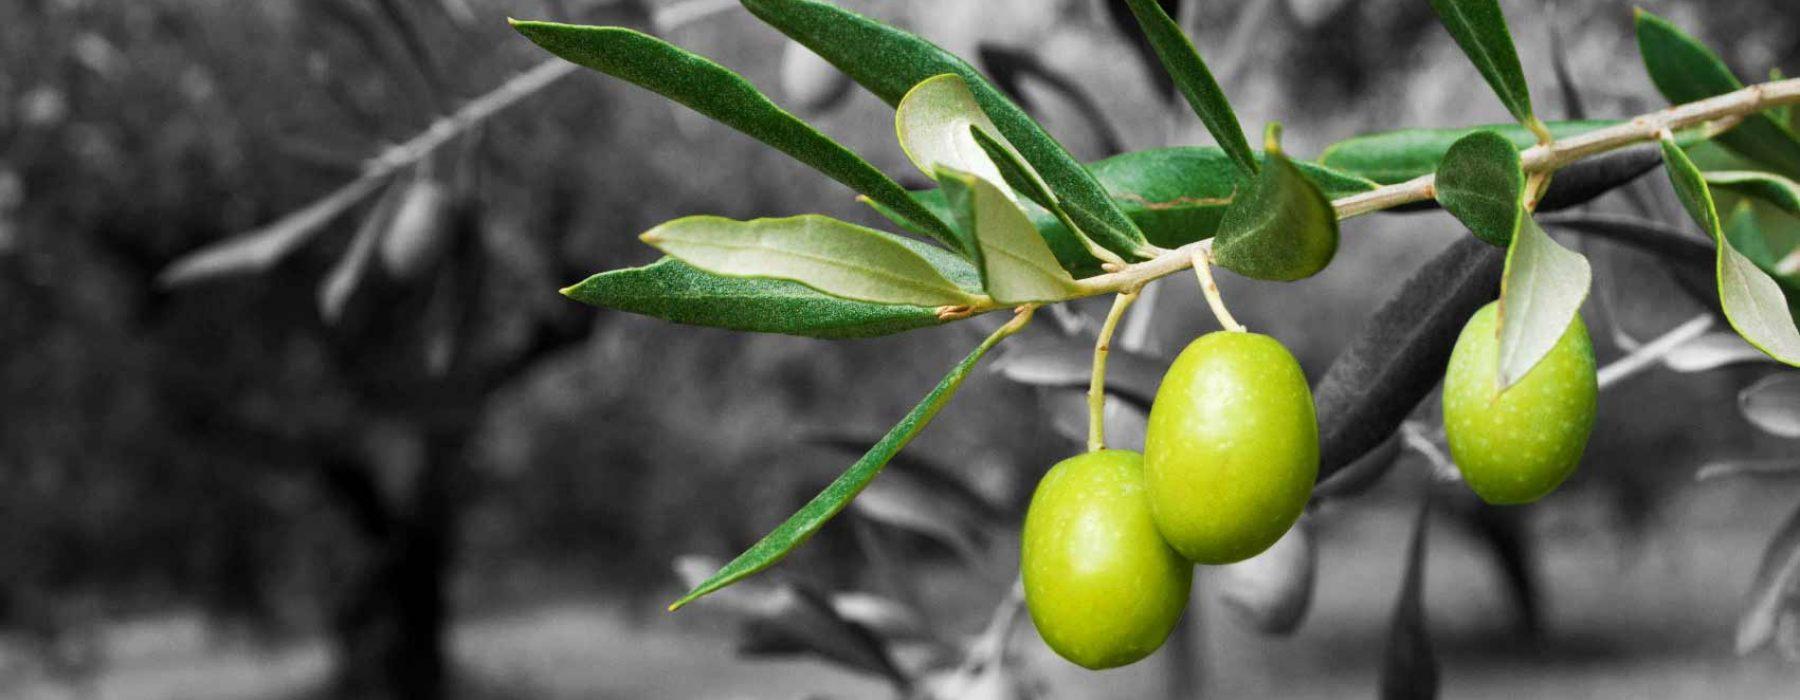 「Agro Pontino」のグリーンゴールド